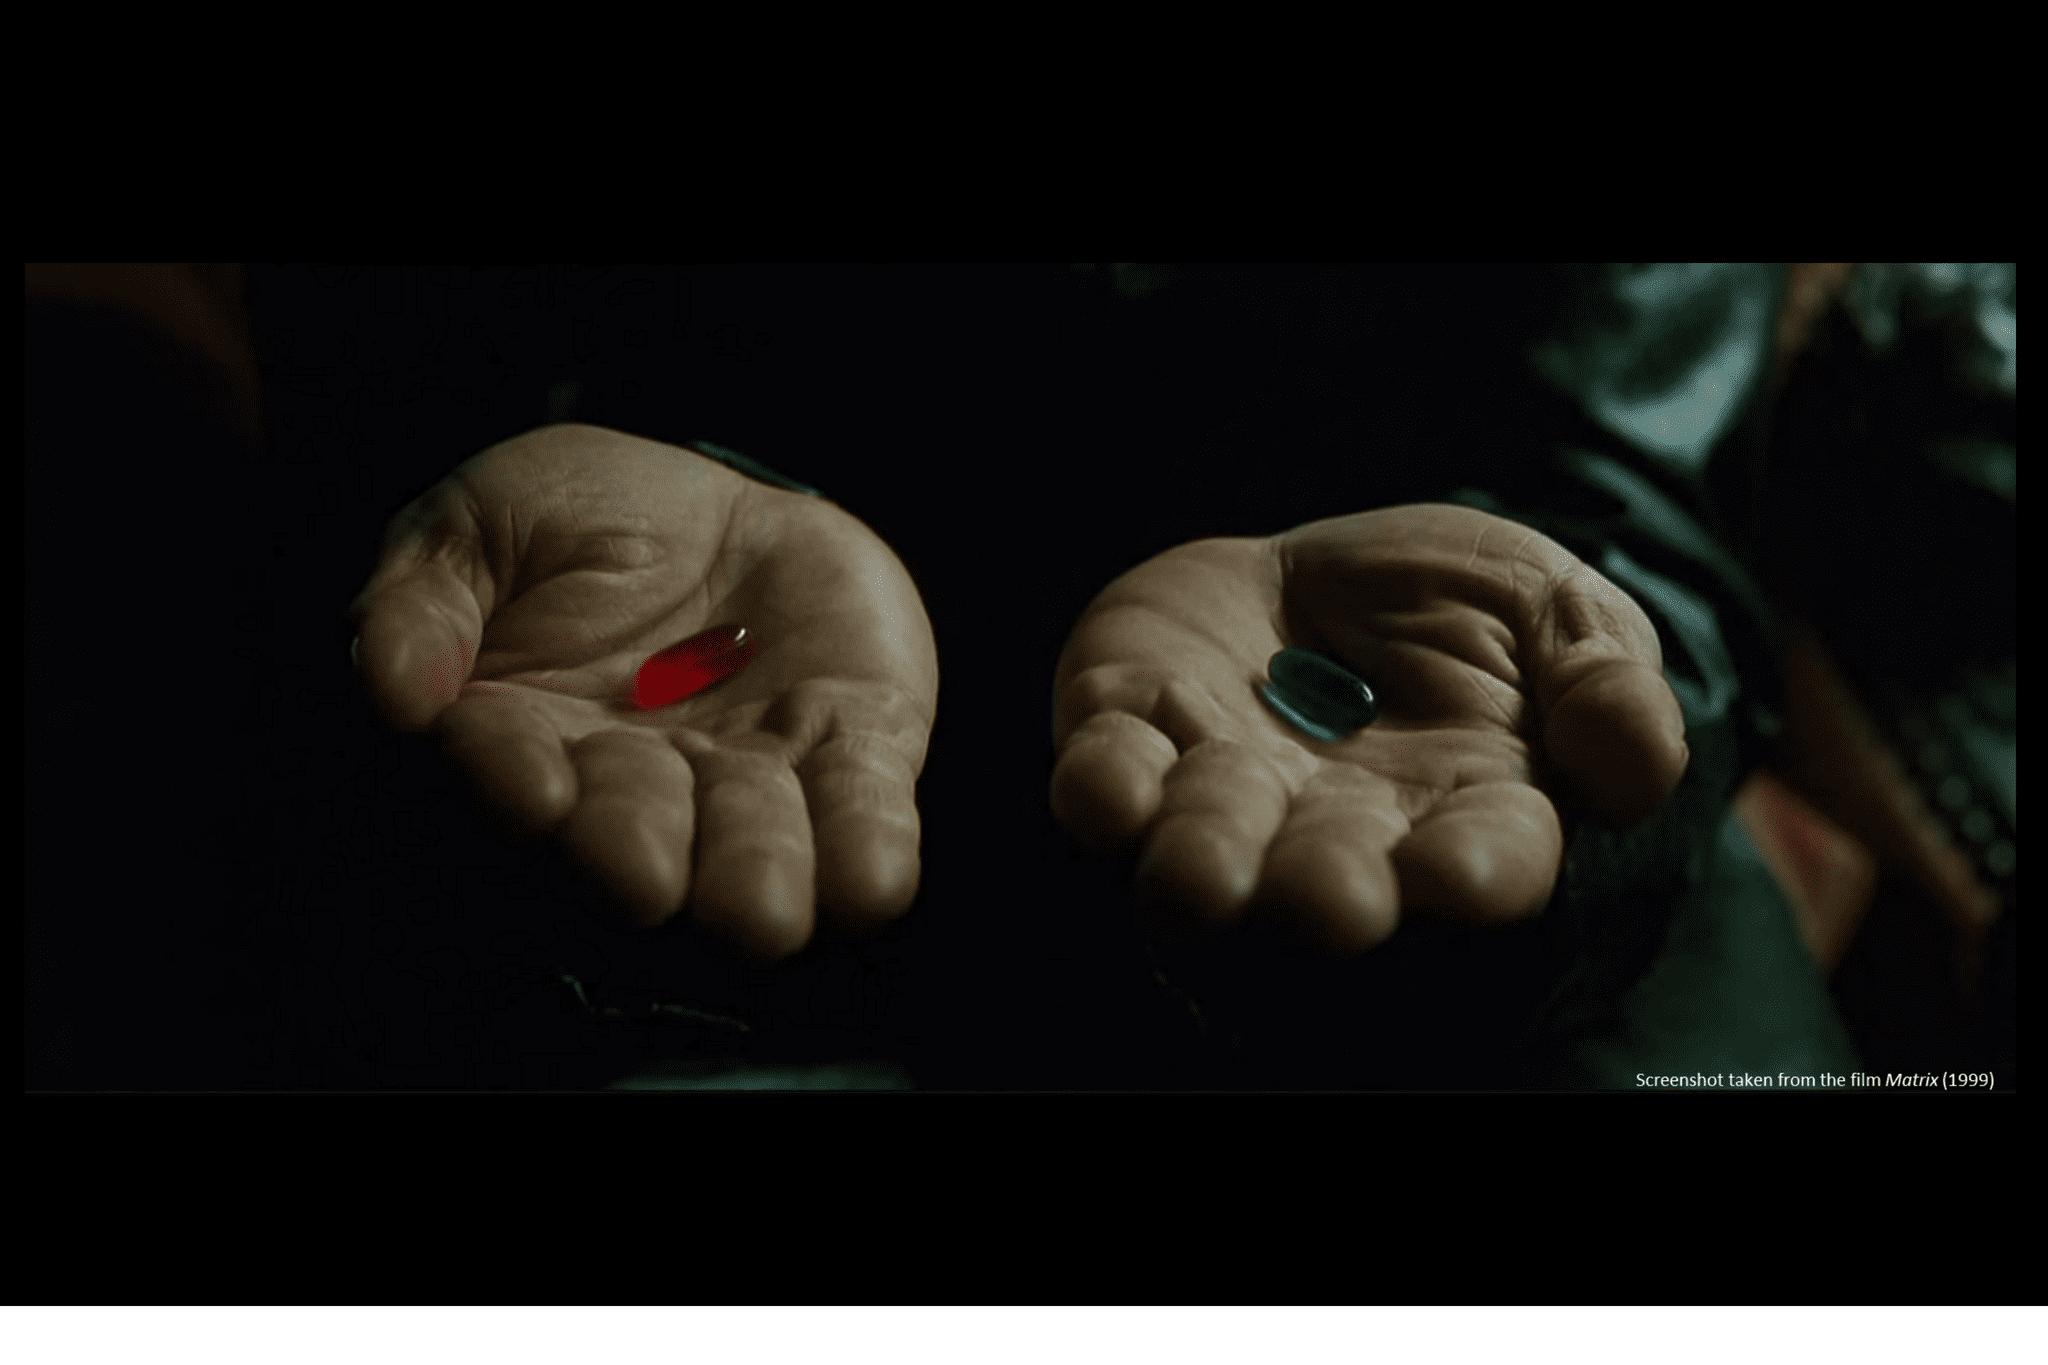 În filmul Matrix Morpheus îi cere lui Neo să aleagă între cele 2 pastile: pastila albastră (o viață linistită trăită în necunoaștere și ignoranță) sau pastila roșie (adevărul).